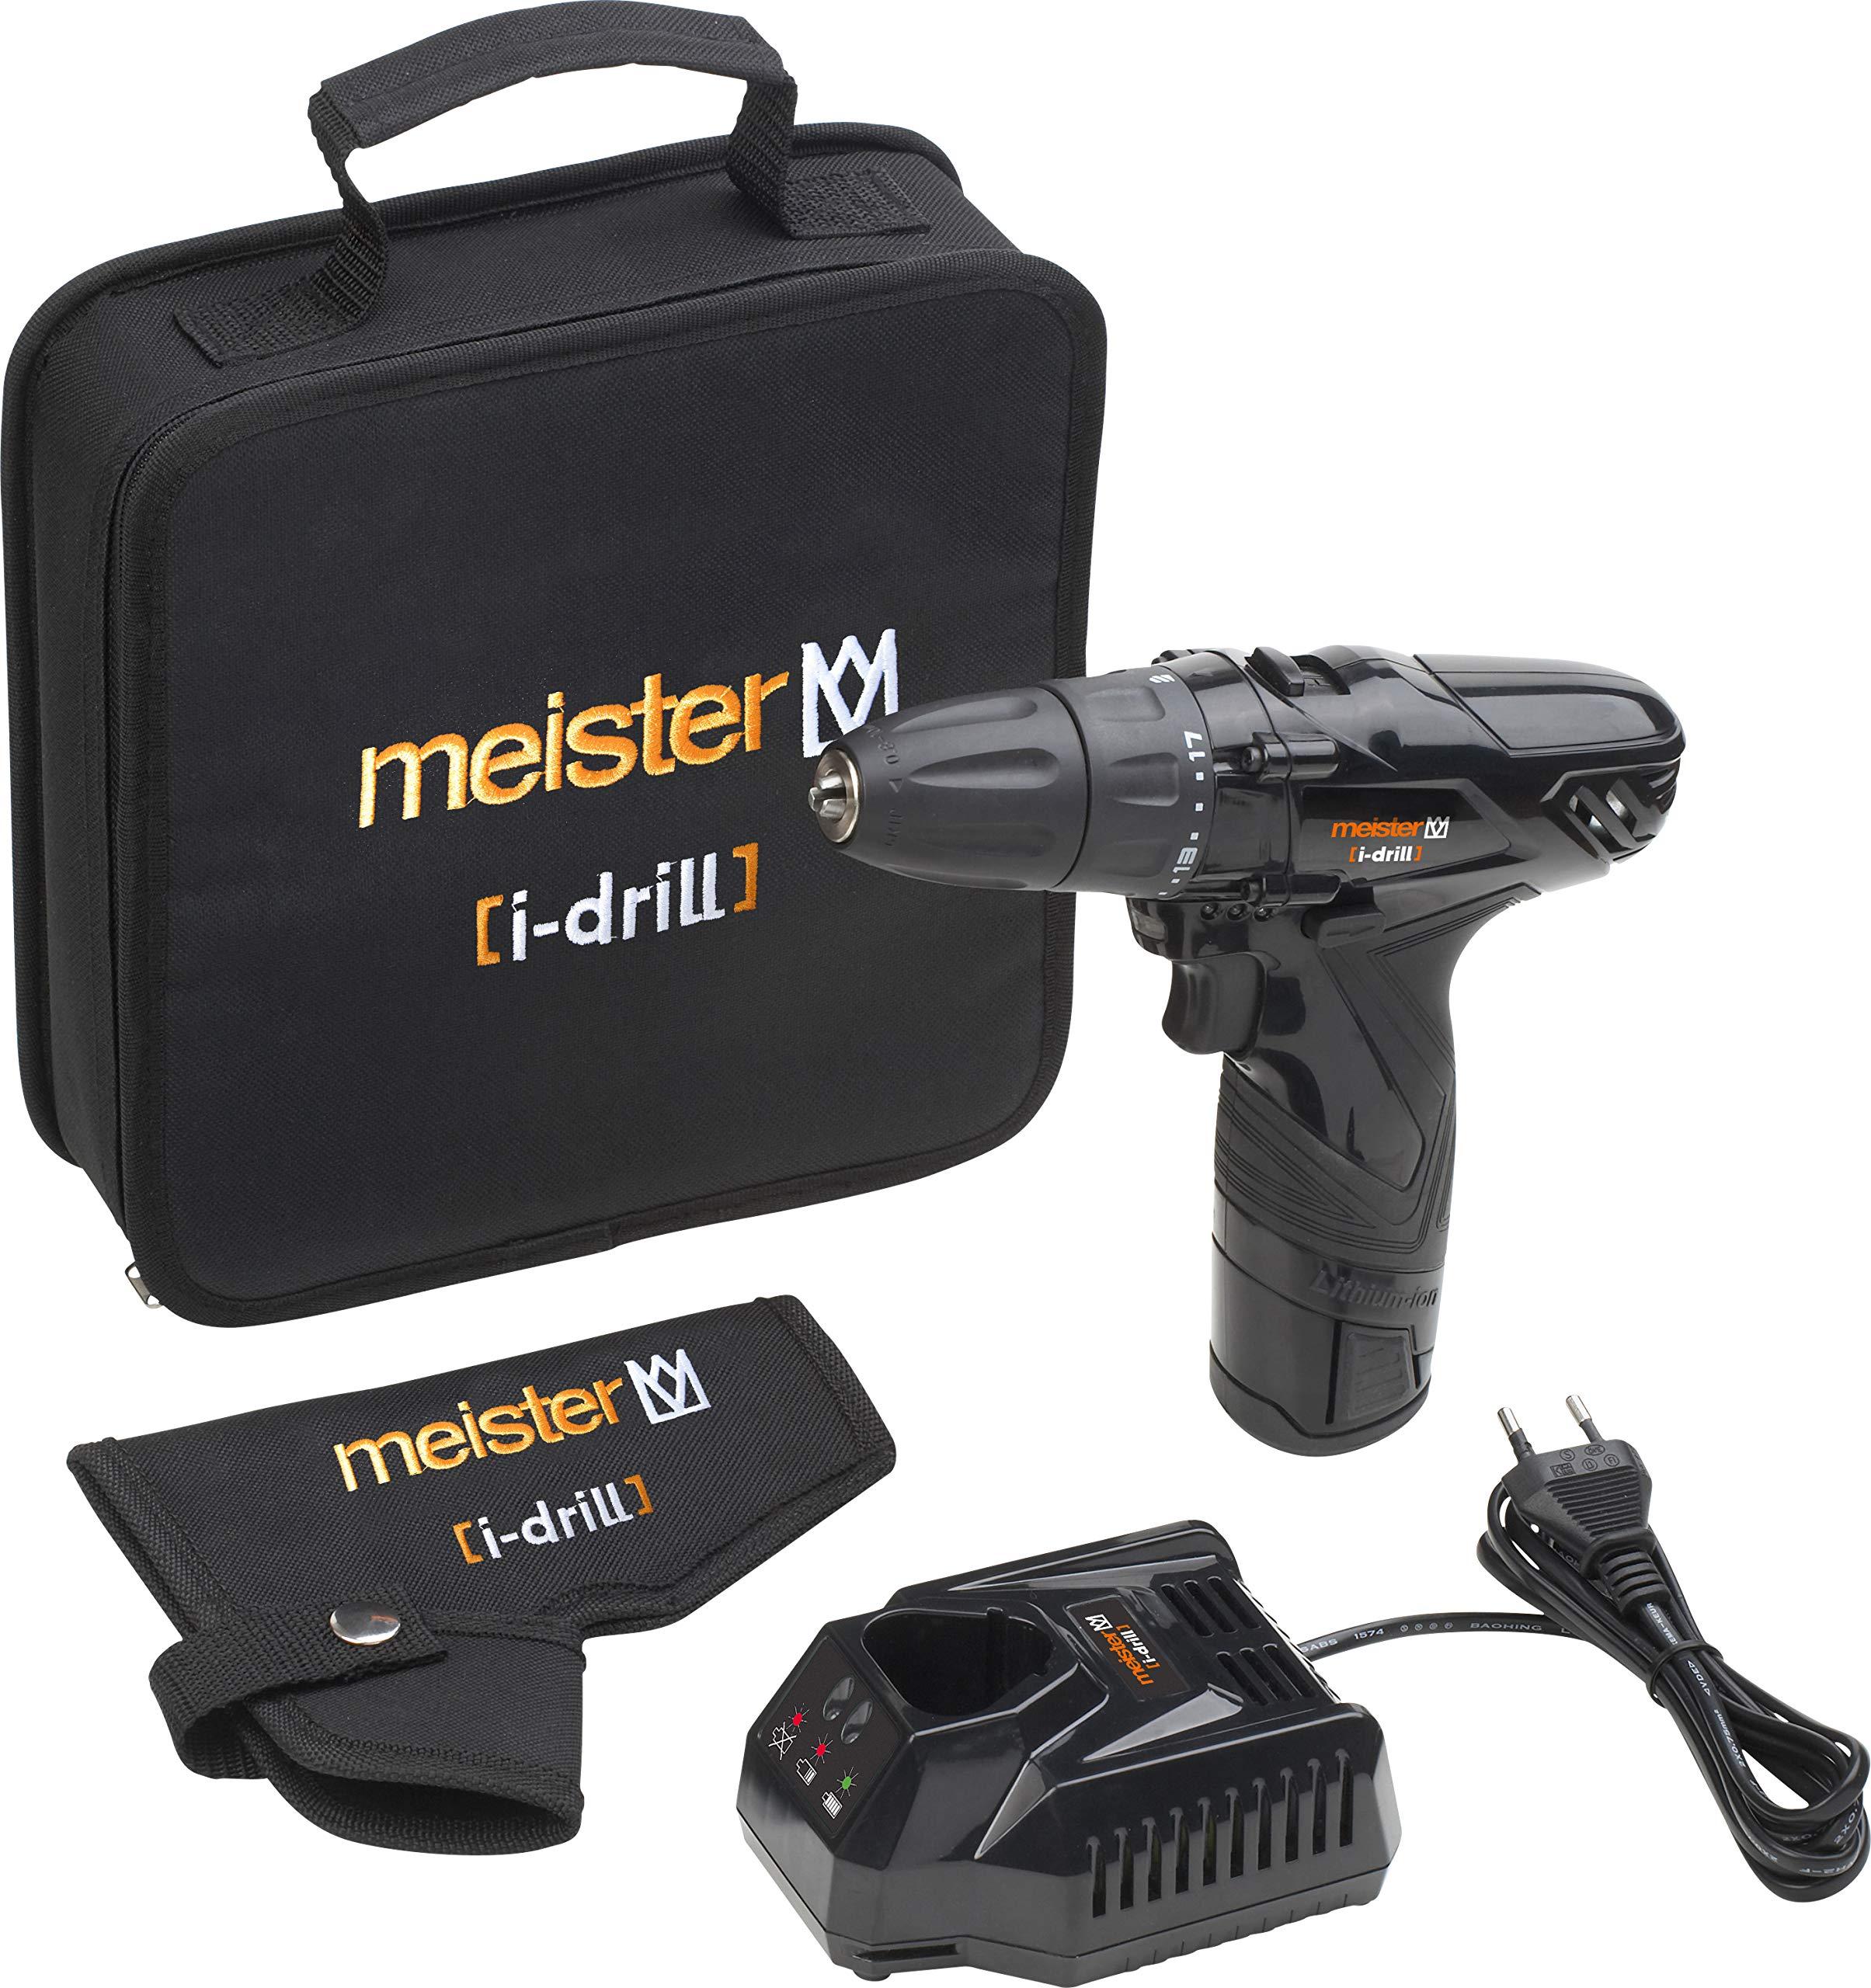 Meister MAS 12ib - Trapano avvitatore a batteria agli ioni di litio i-drill black edition product image